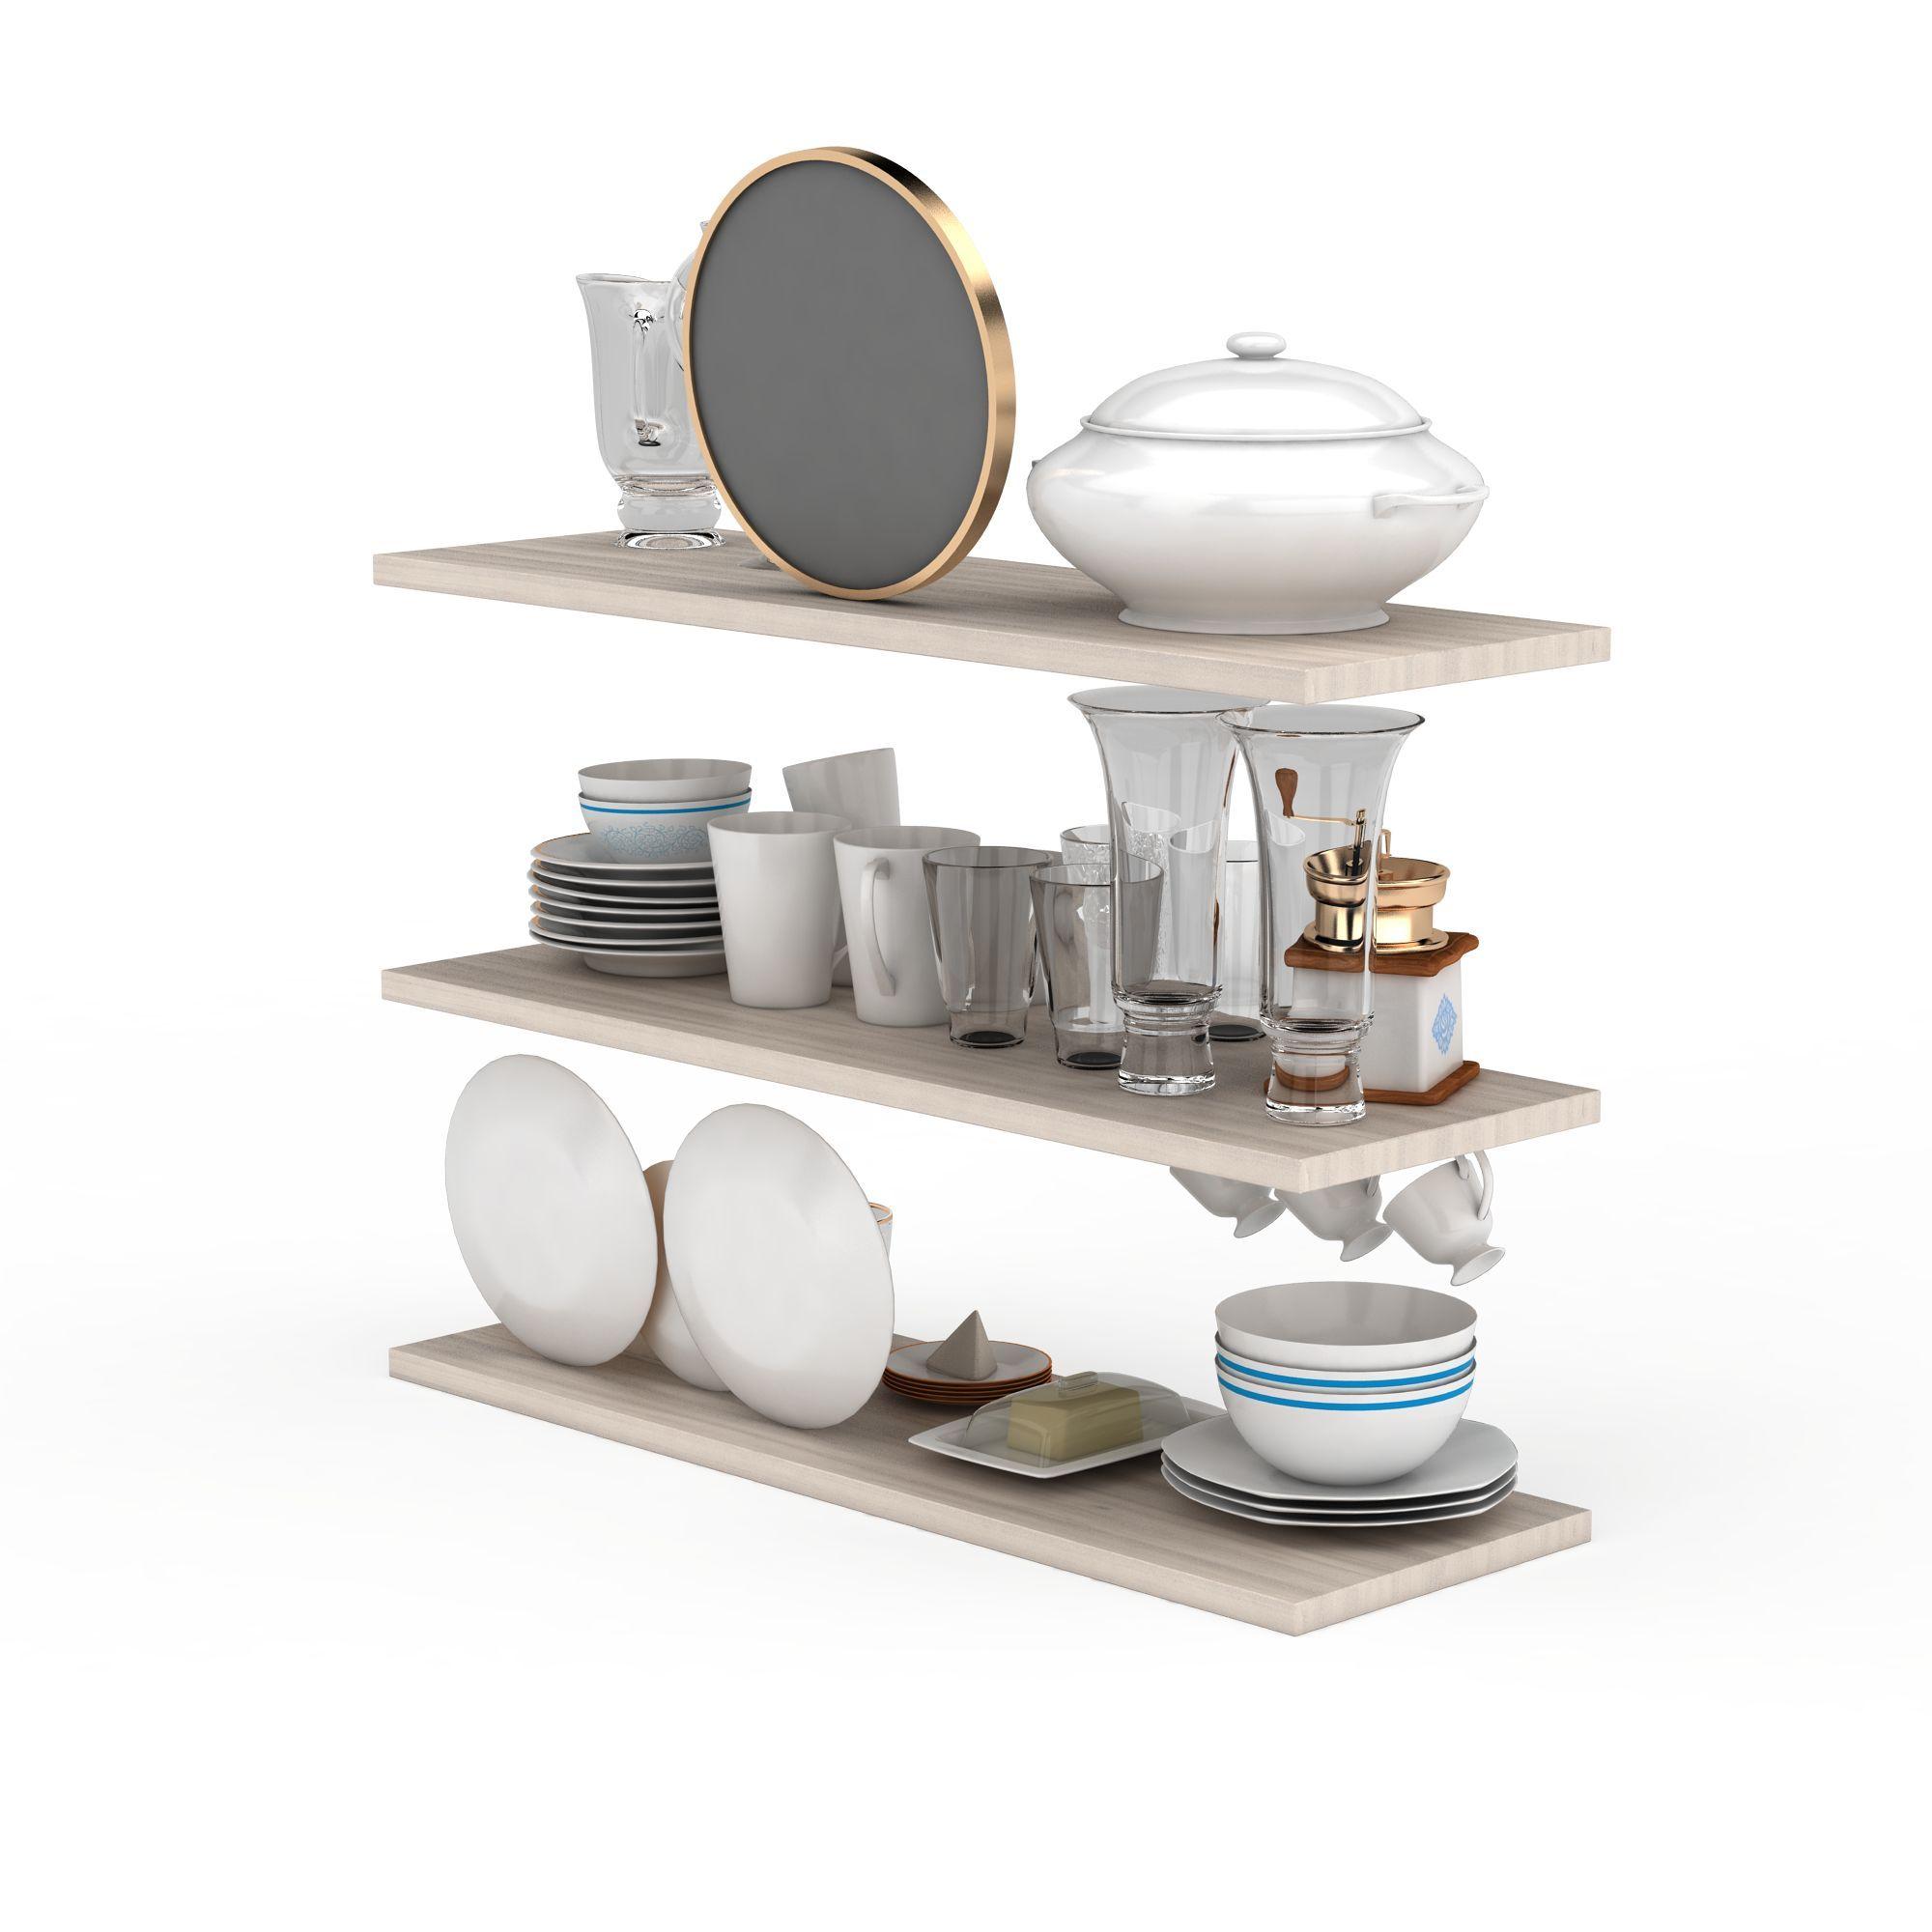 厨房餐具架高清图下载